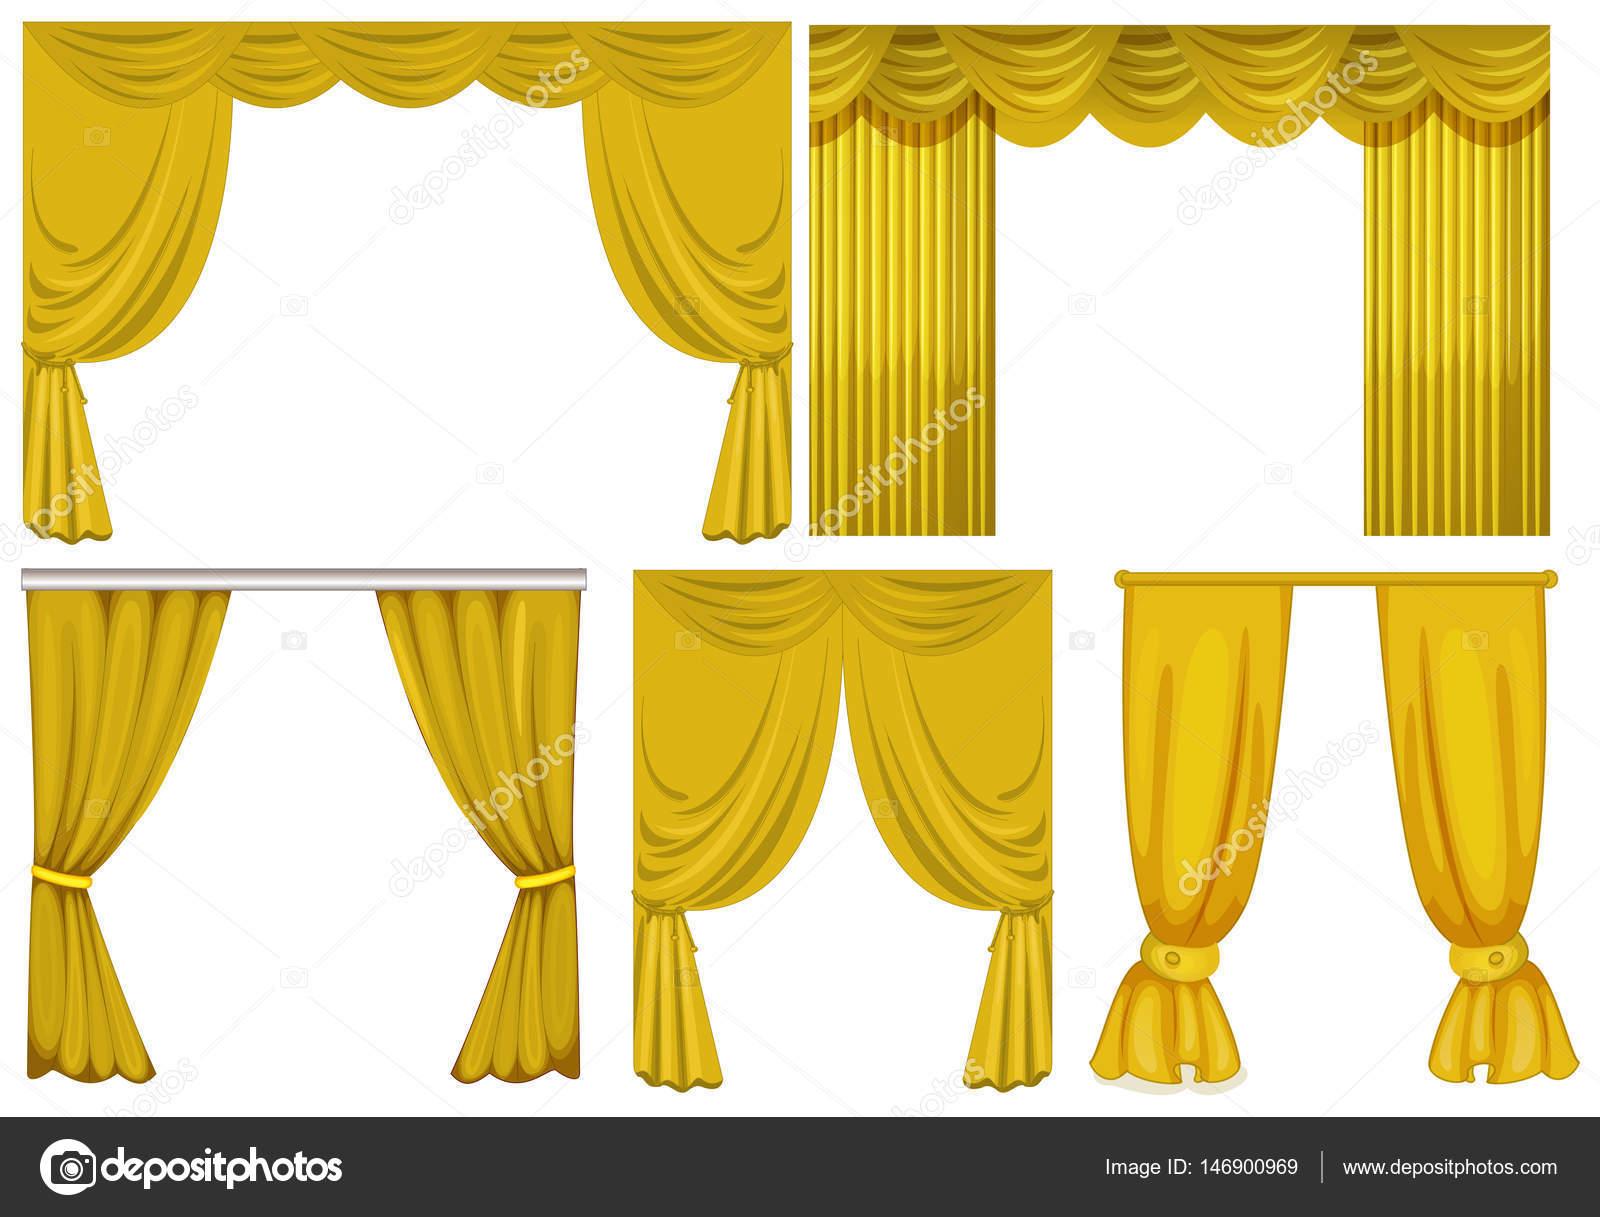 gele gordijnen op witte achtergrond stockvector